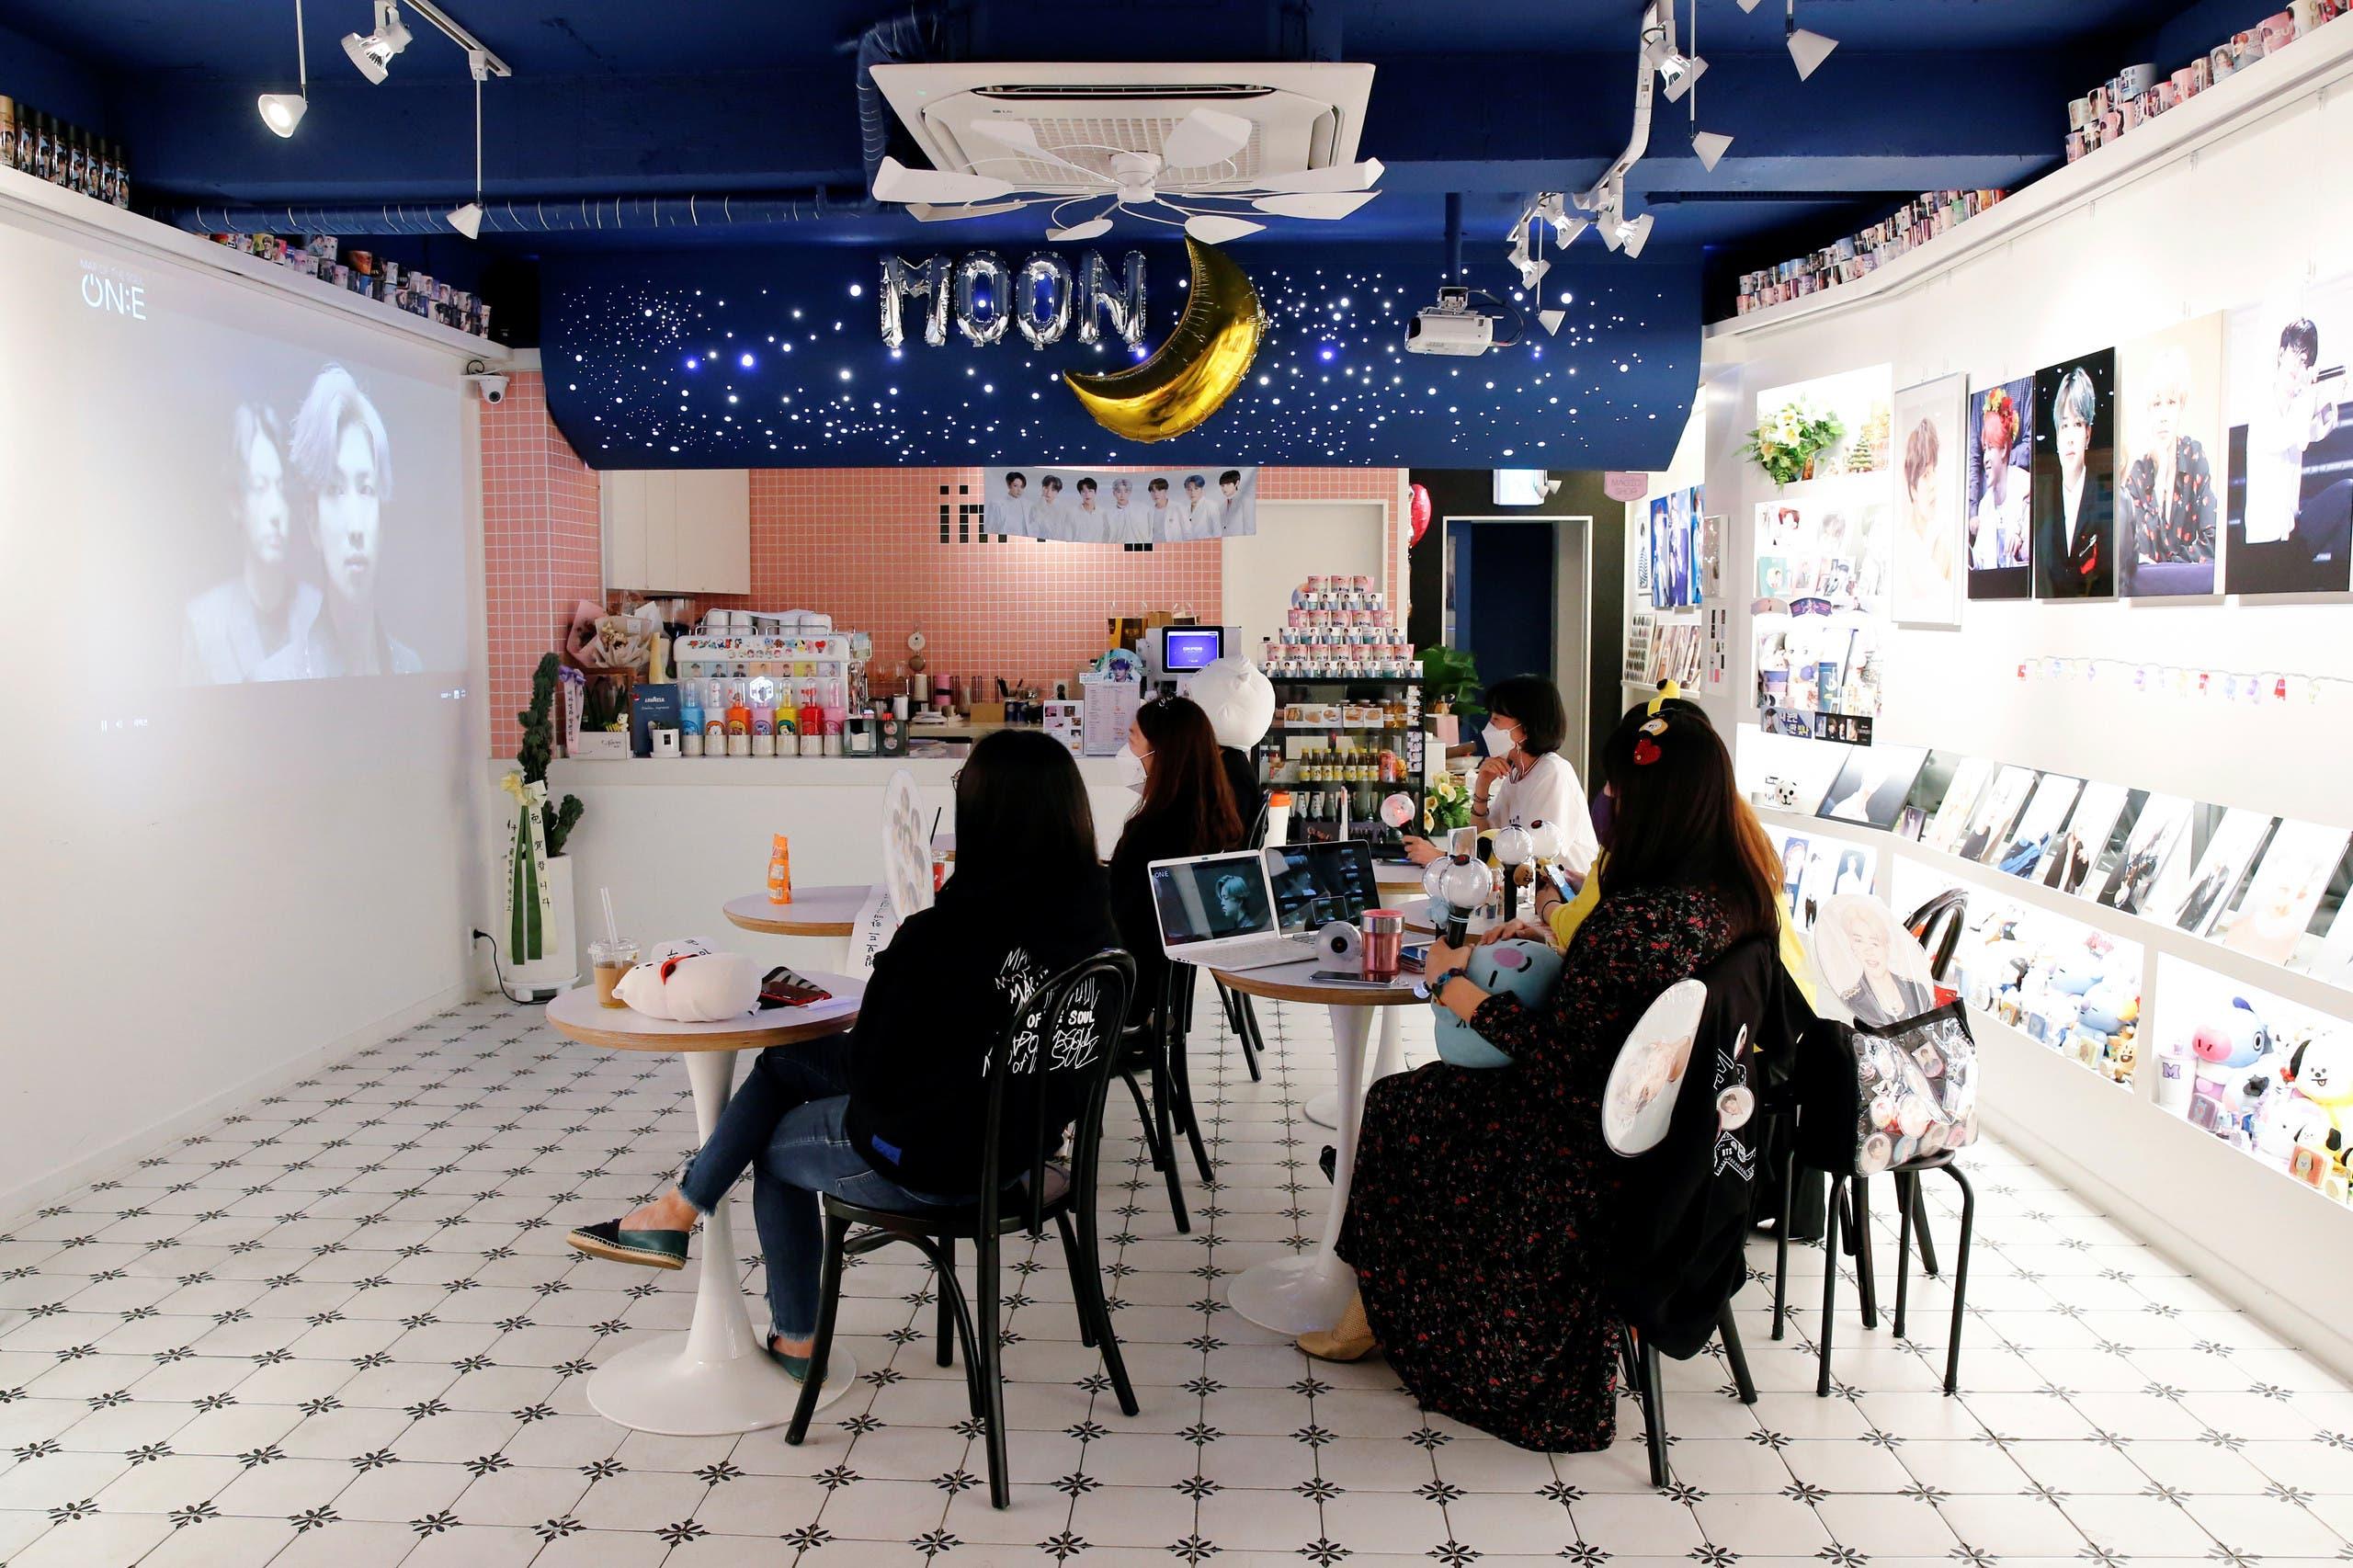 """عشاق لفرقة """"بي. تي. اس"""" يشاهدون الحفل على شاشة كبيرة في مقهى في سيول"""